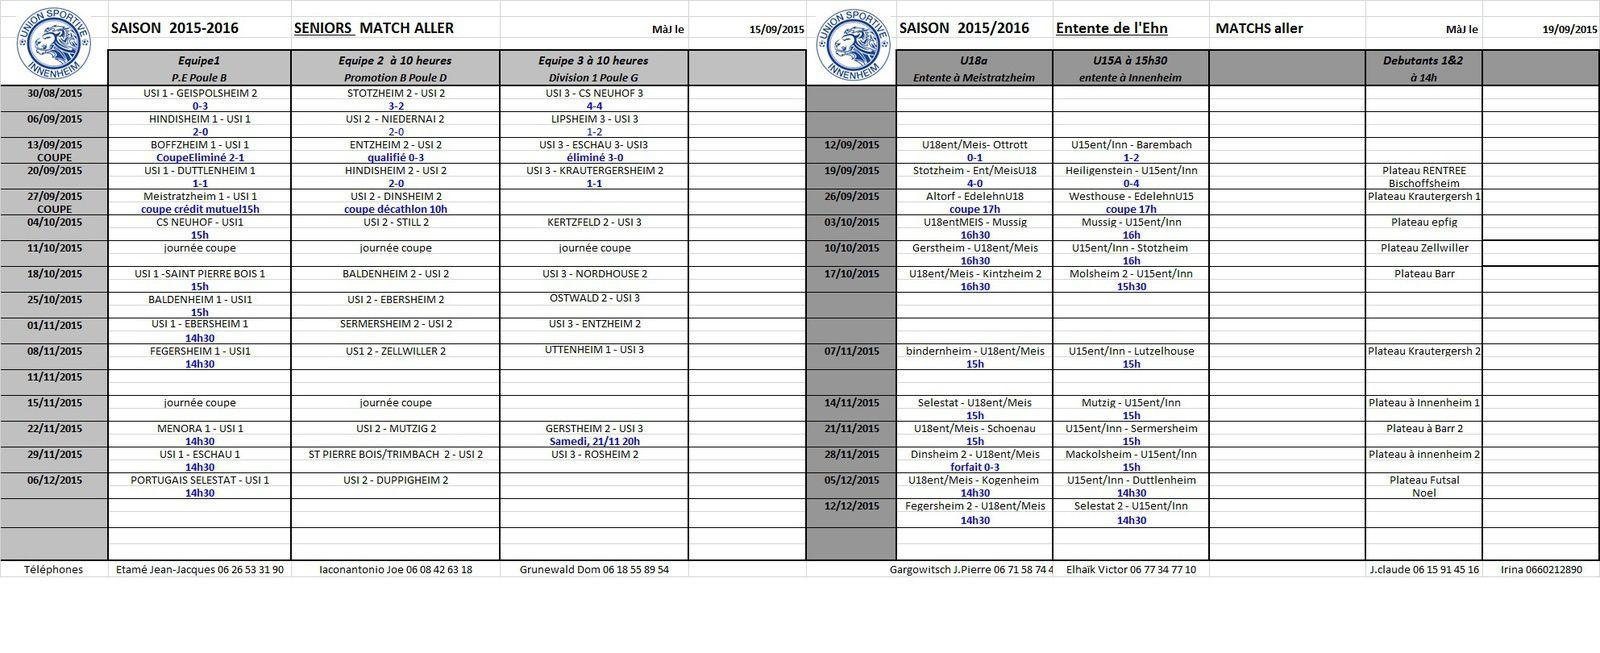 Programme du club : matchs aller